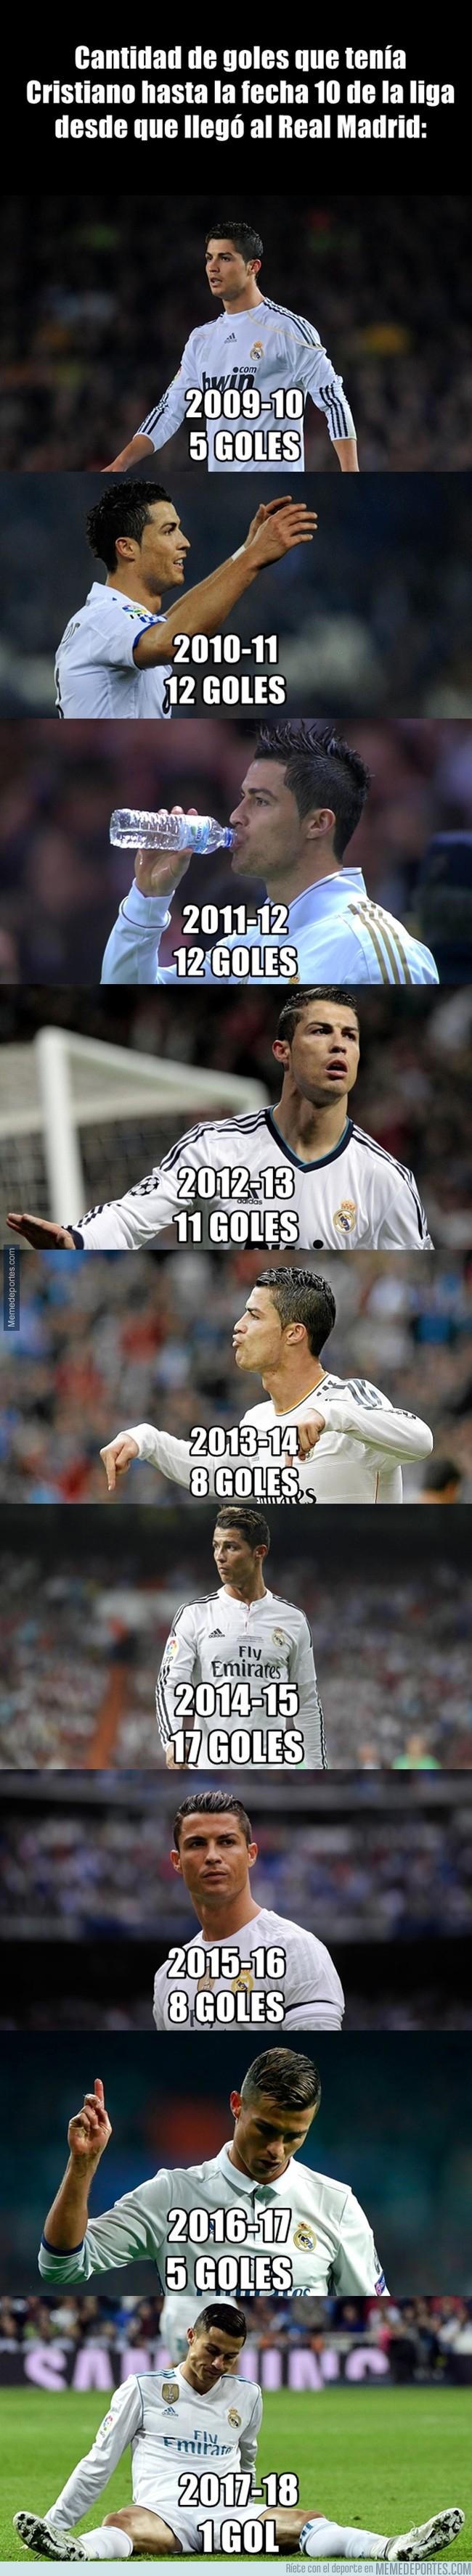 1006078 - Los goles de Cristiano a estas alturas de la liga en años anteriores